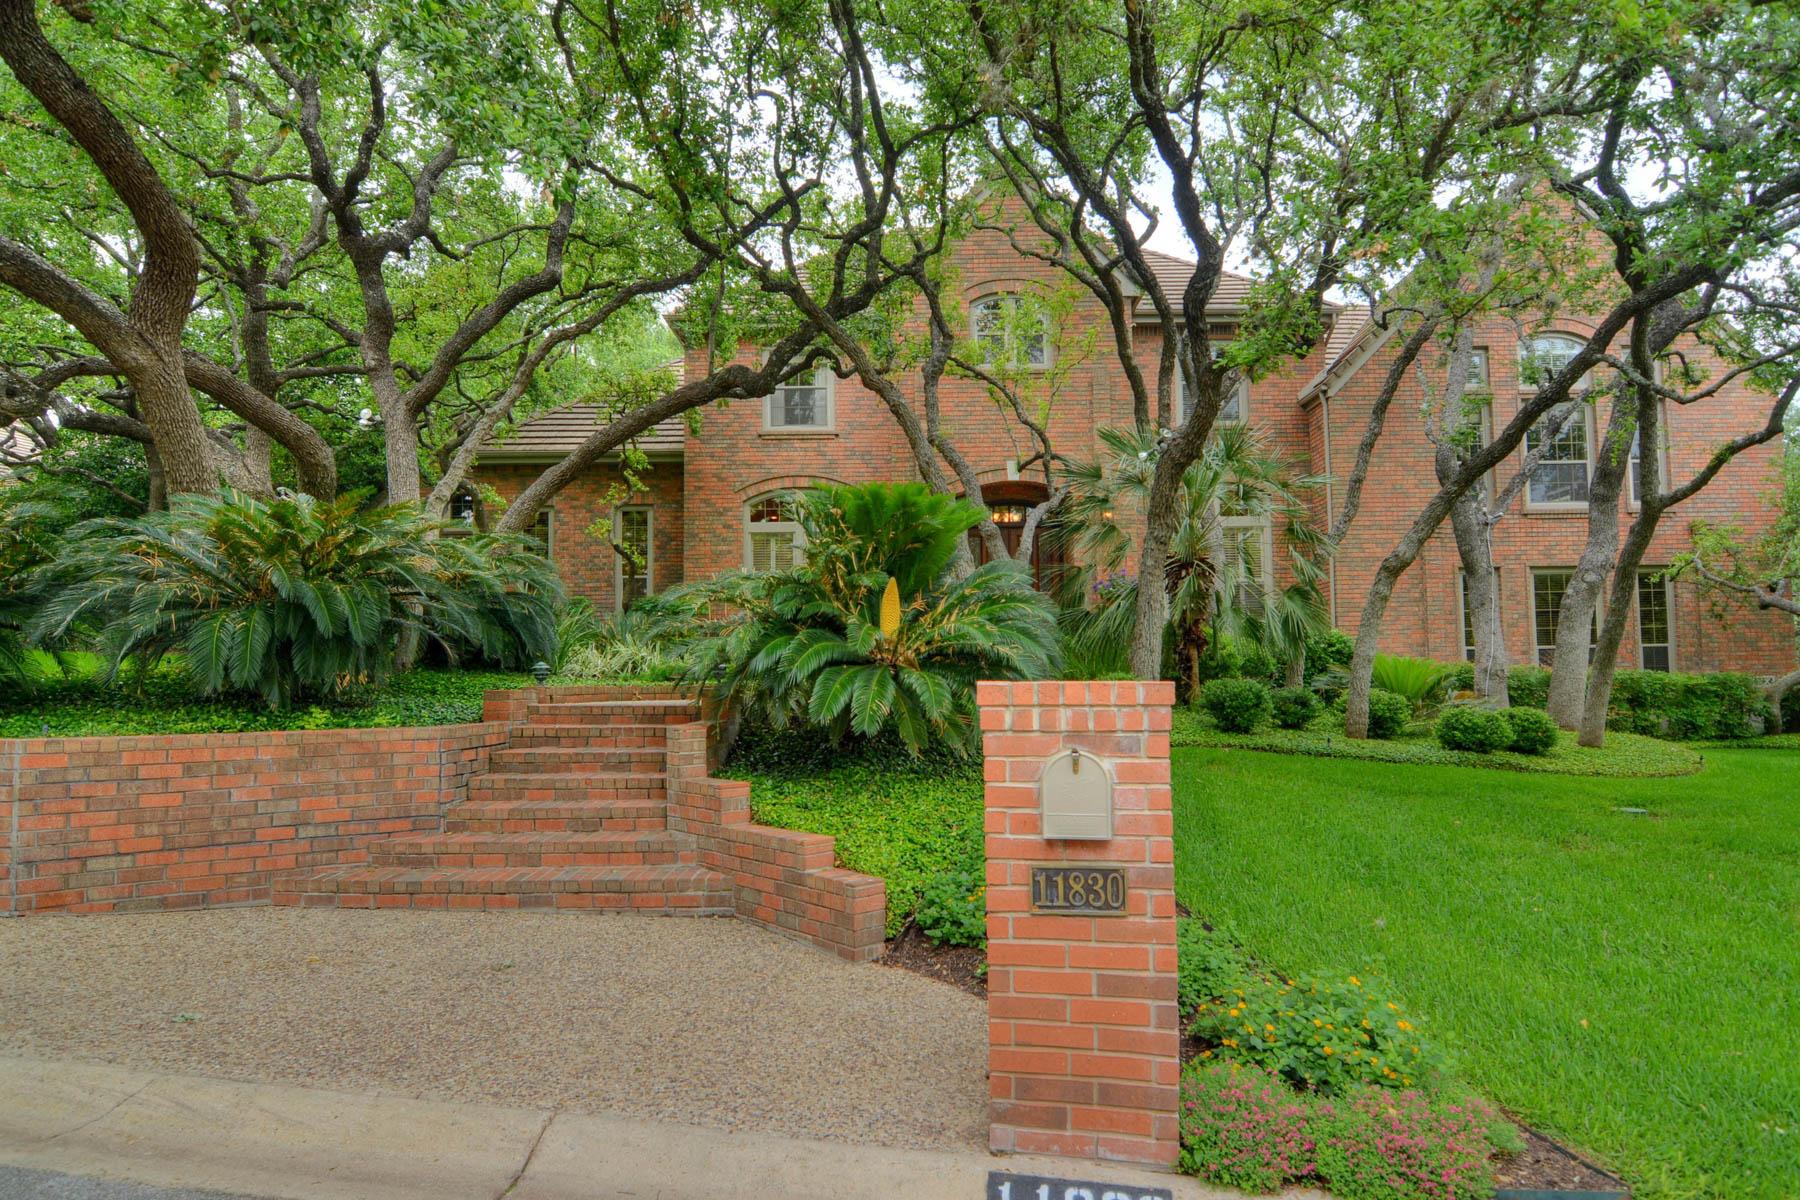 Maison unifamiliale pour l Vente à Fantastic Street Appeal in Elm Creek 11830 Elmscourt Elm Creek, San Antonio, Texas, 78230 États-Unis